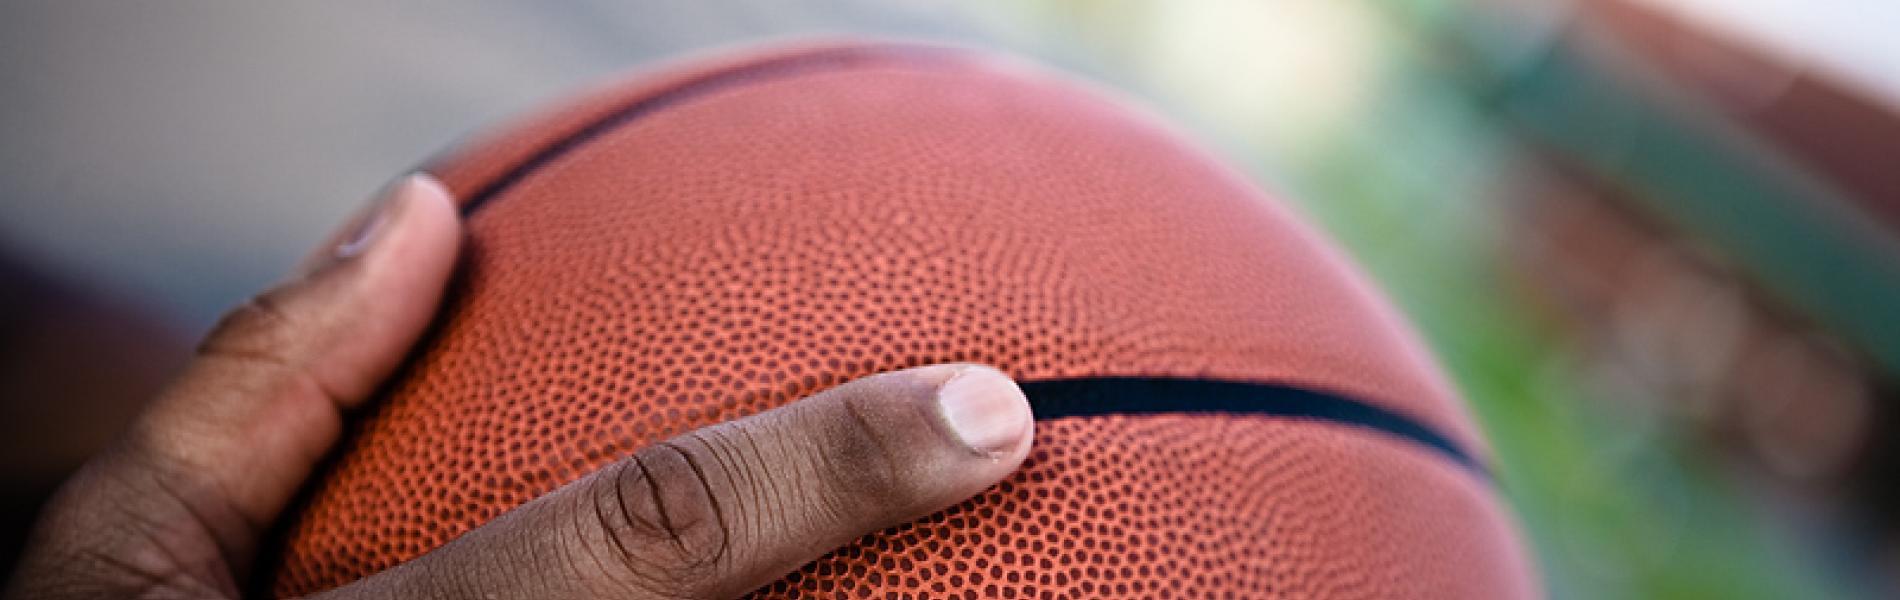 Mens 3v3 Basketball Tournament